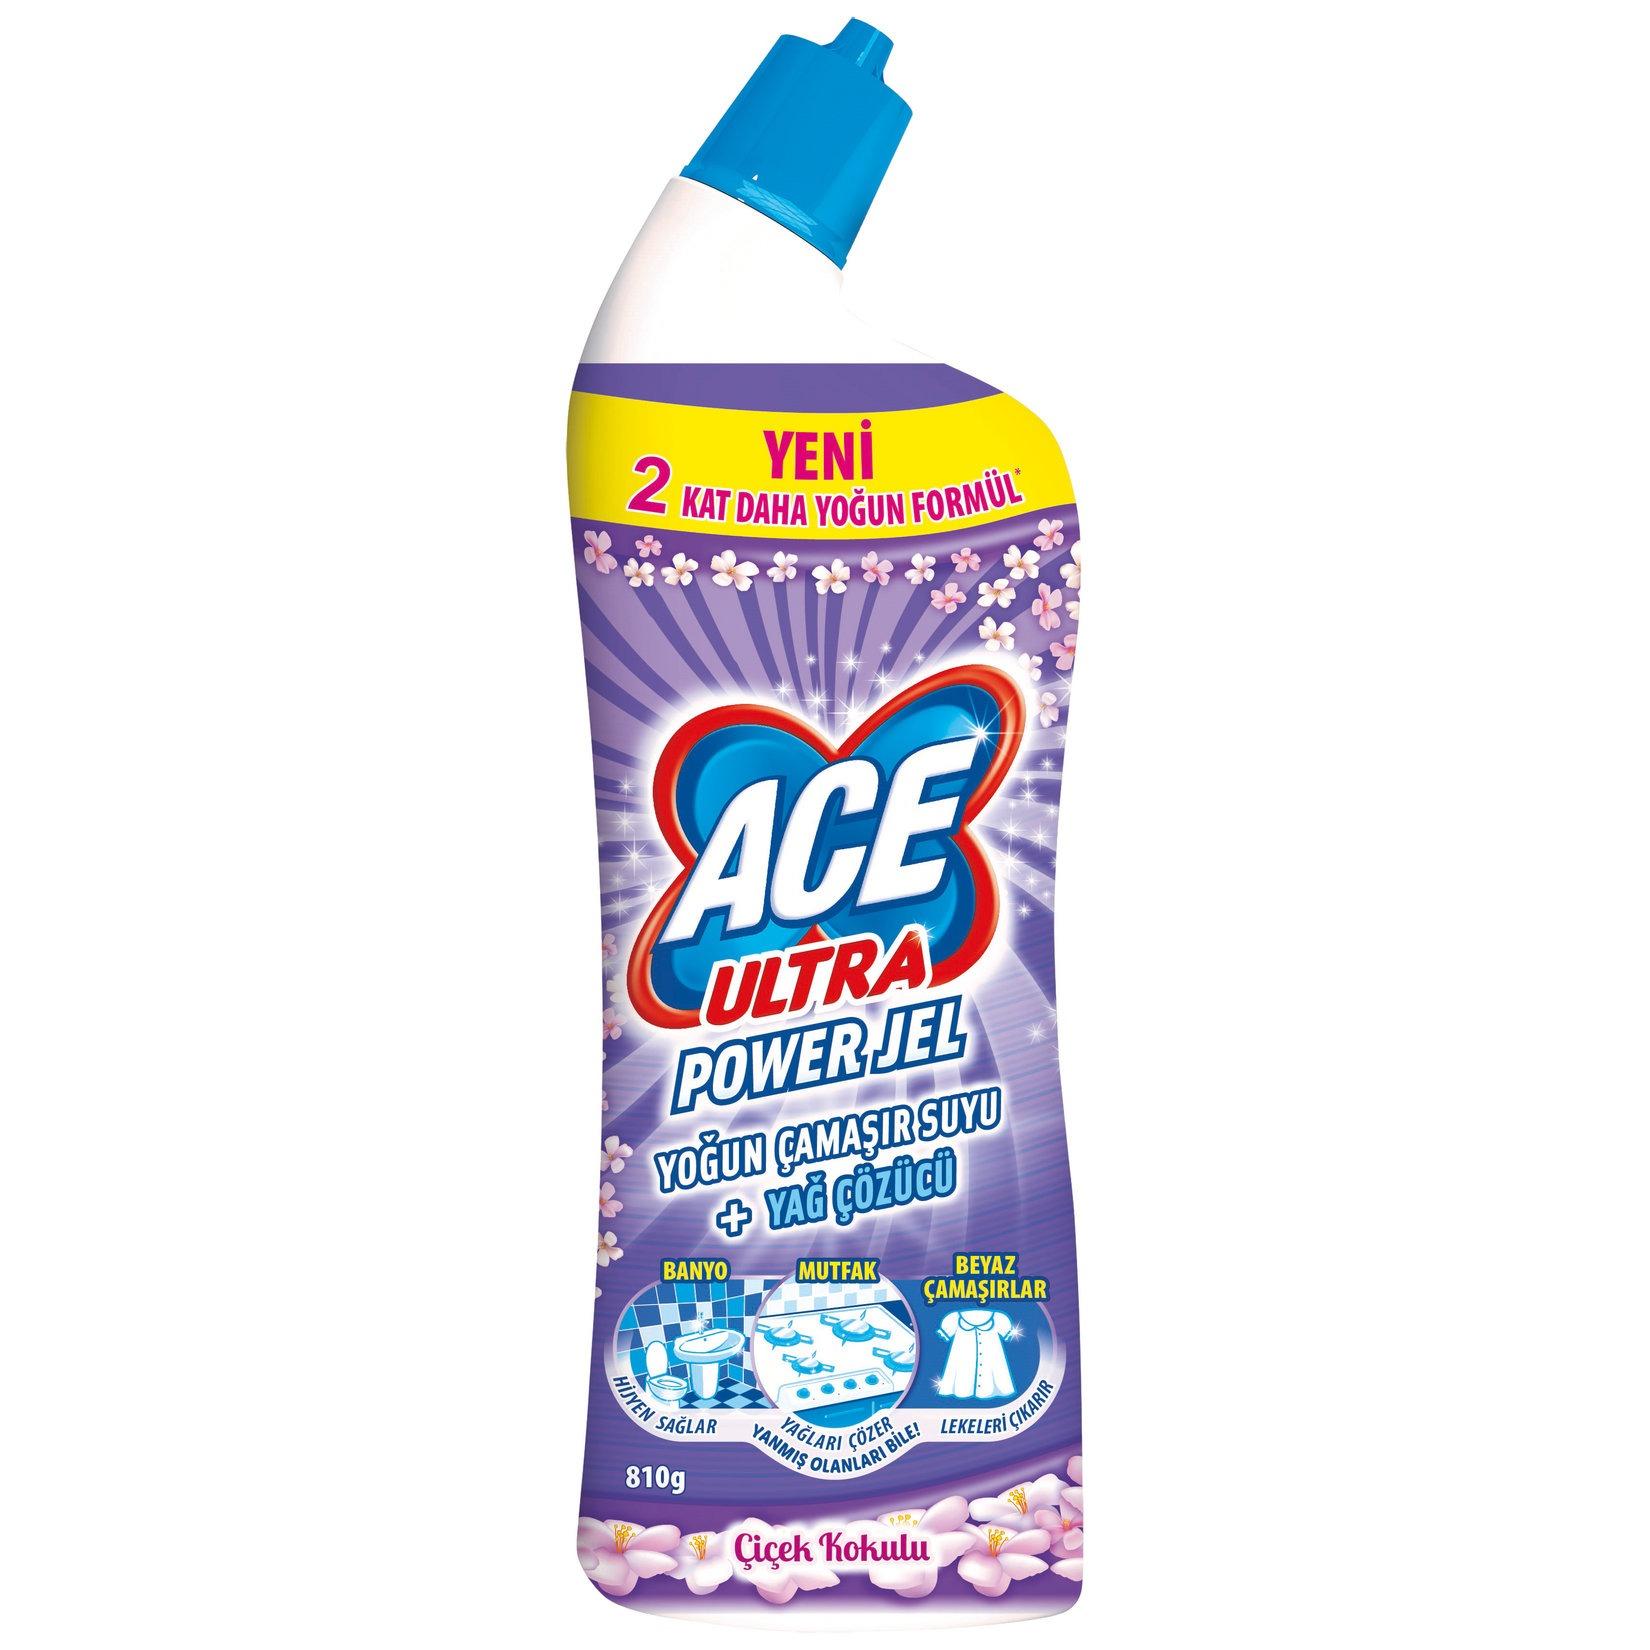 Ace Ultra Power Jel Çamaşır Suyu + Yağ Sökücü Çiçek Kokulu